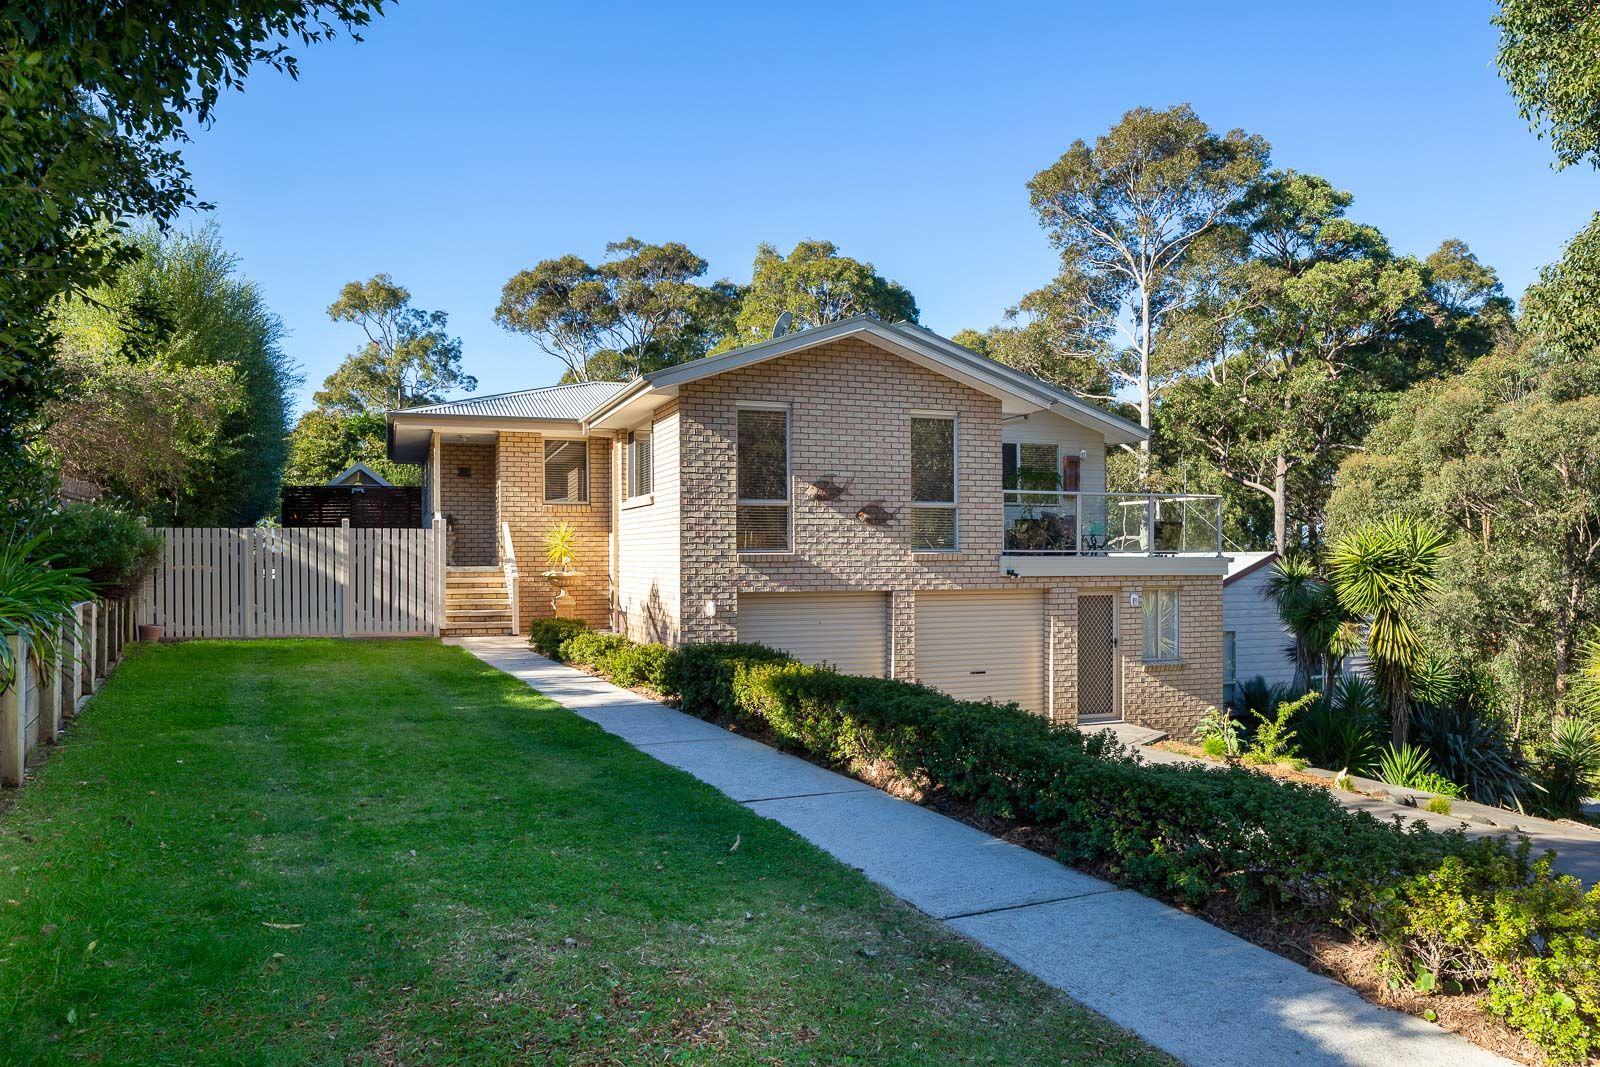 21 Merriwee Avenue, Malua Bay NSW 2536, Image 1